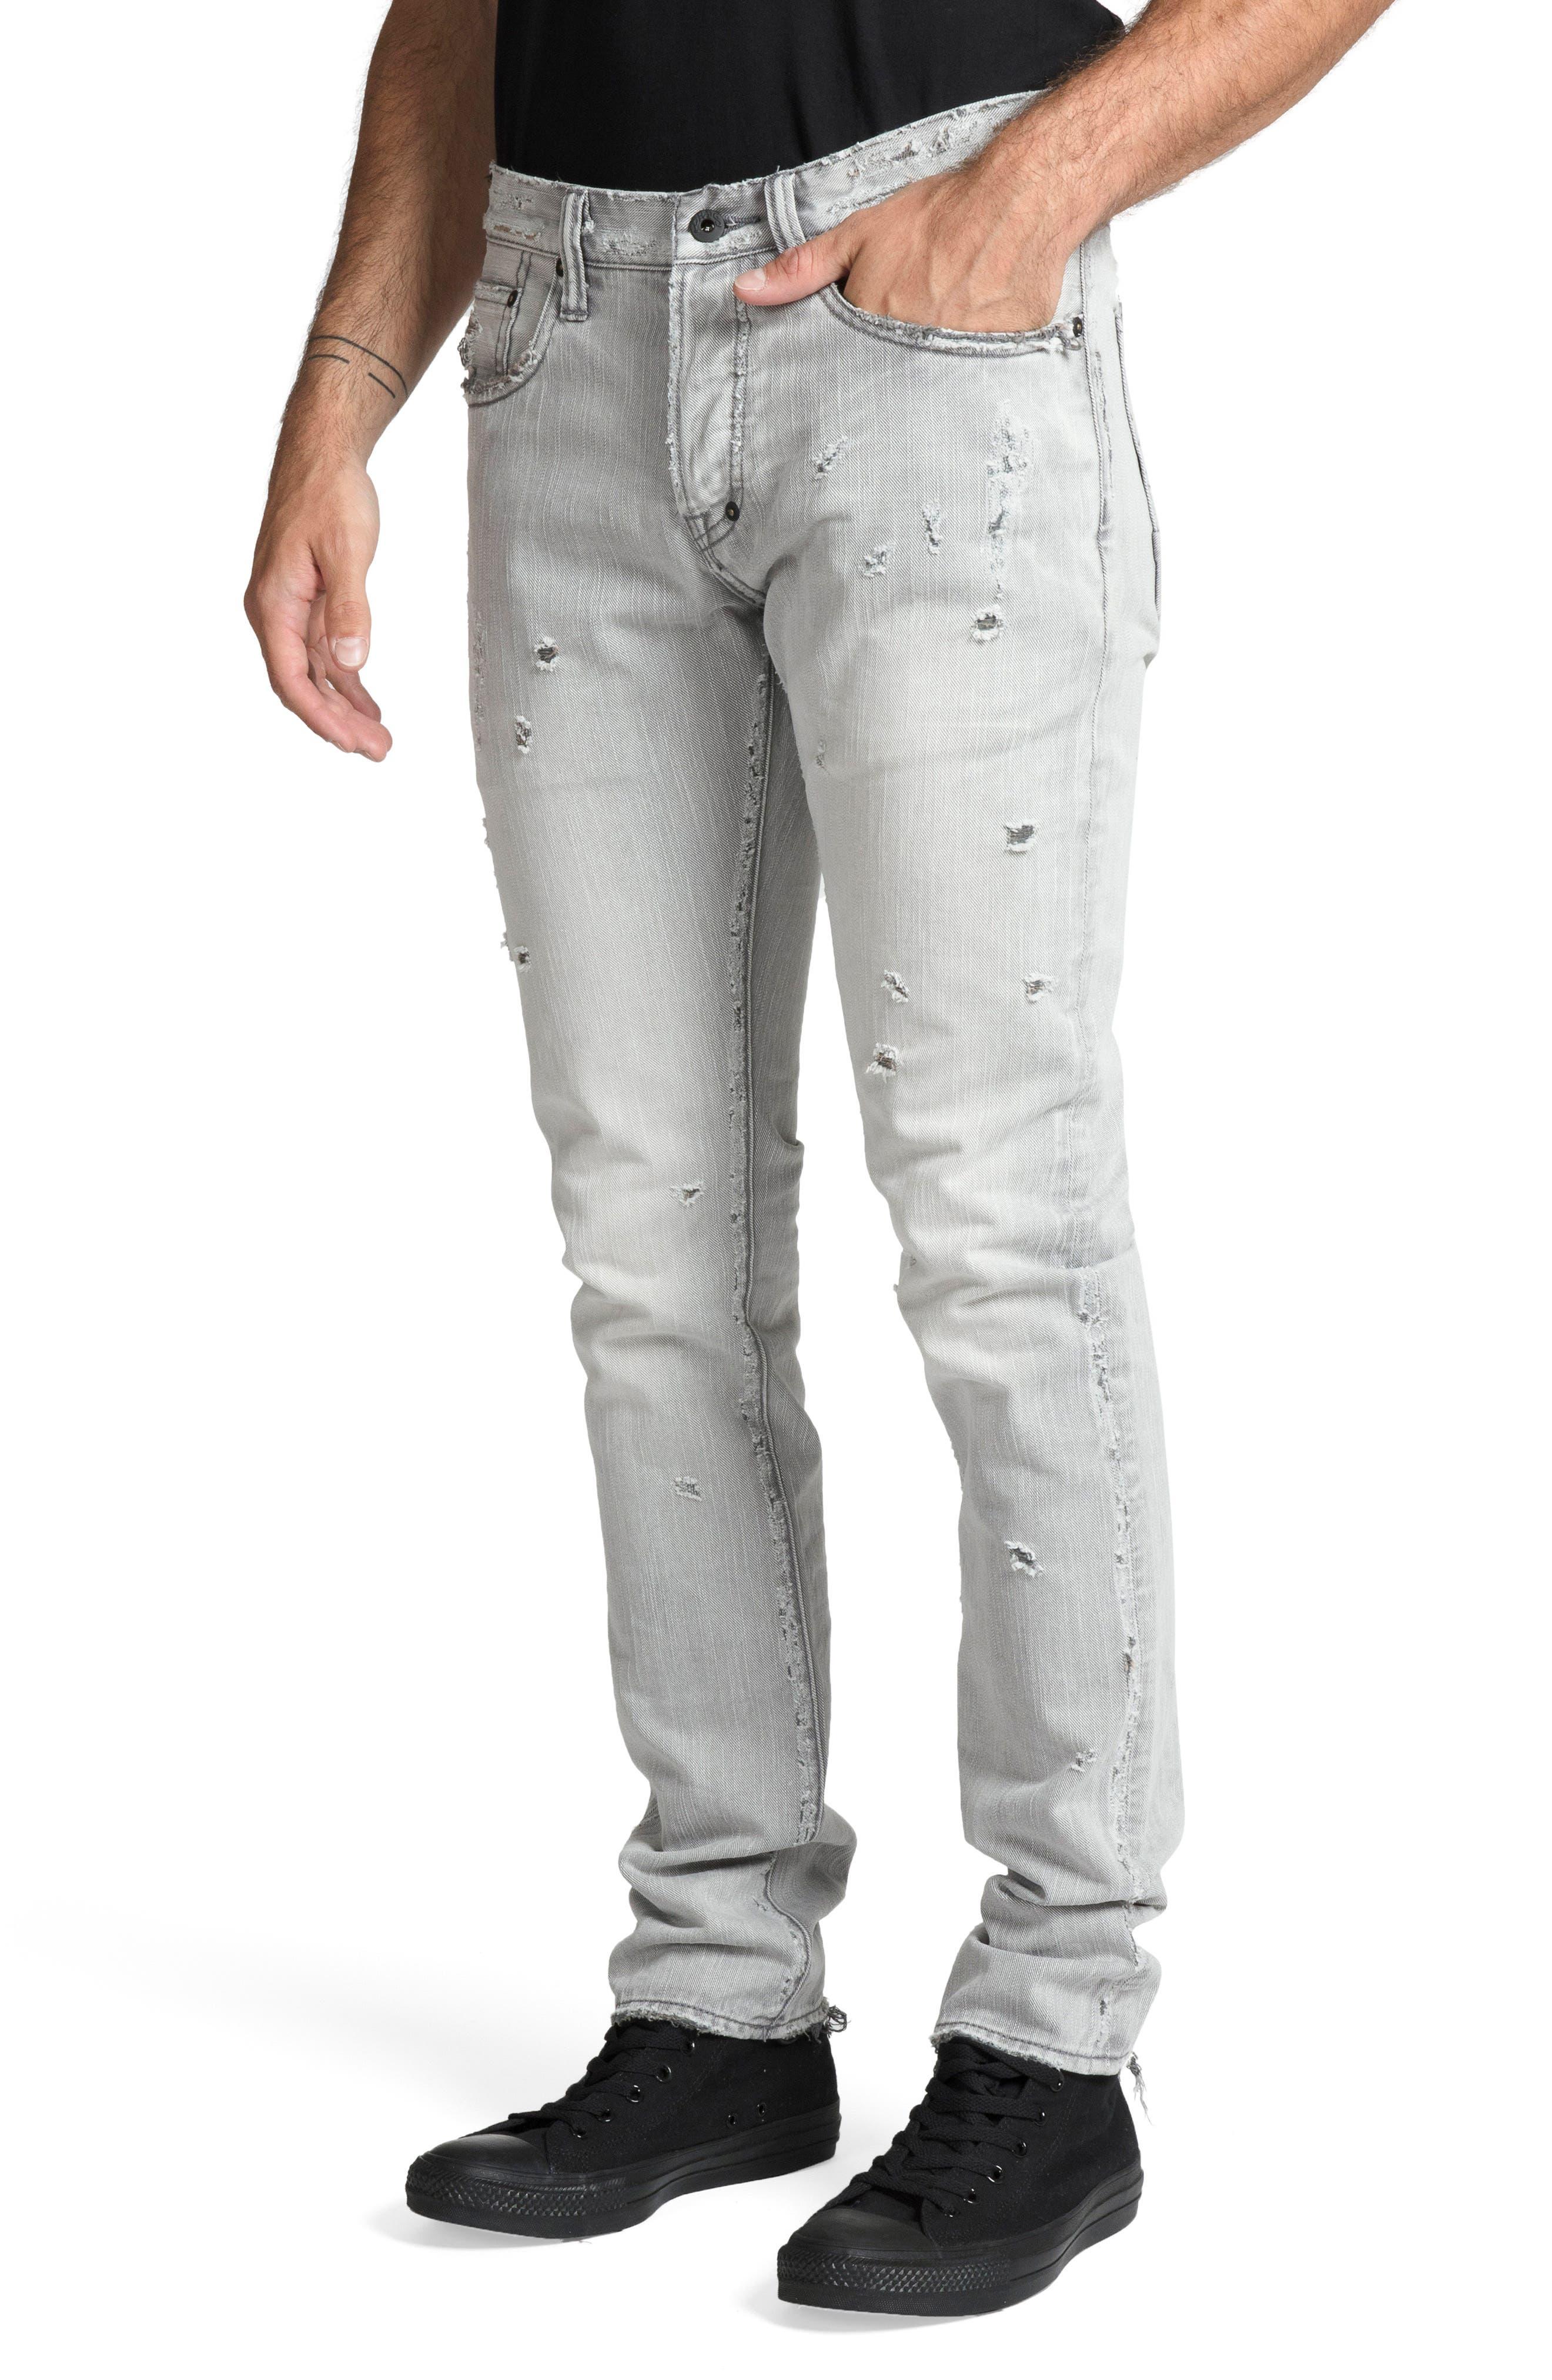 Le Sabre Slim Fit Jeans,                             Alternate thumbnail 3, color,                             LOUTISH